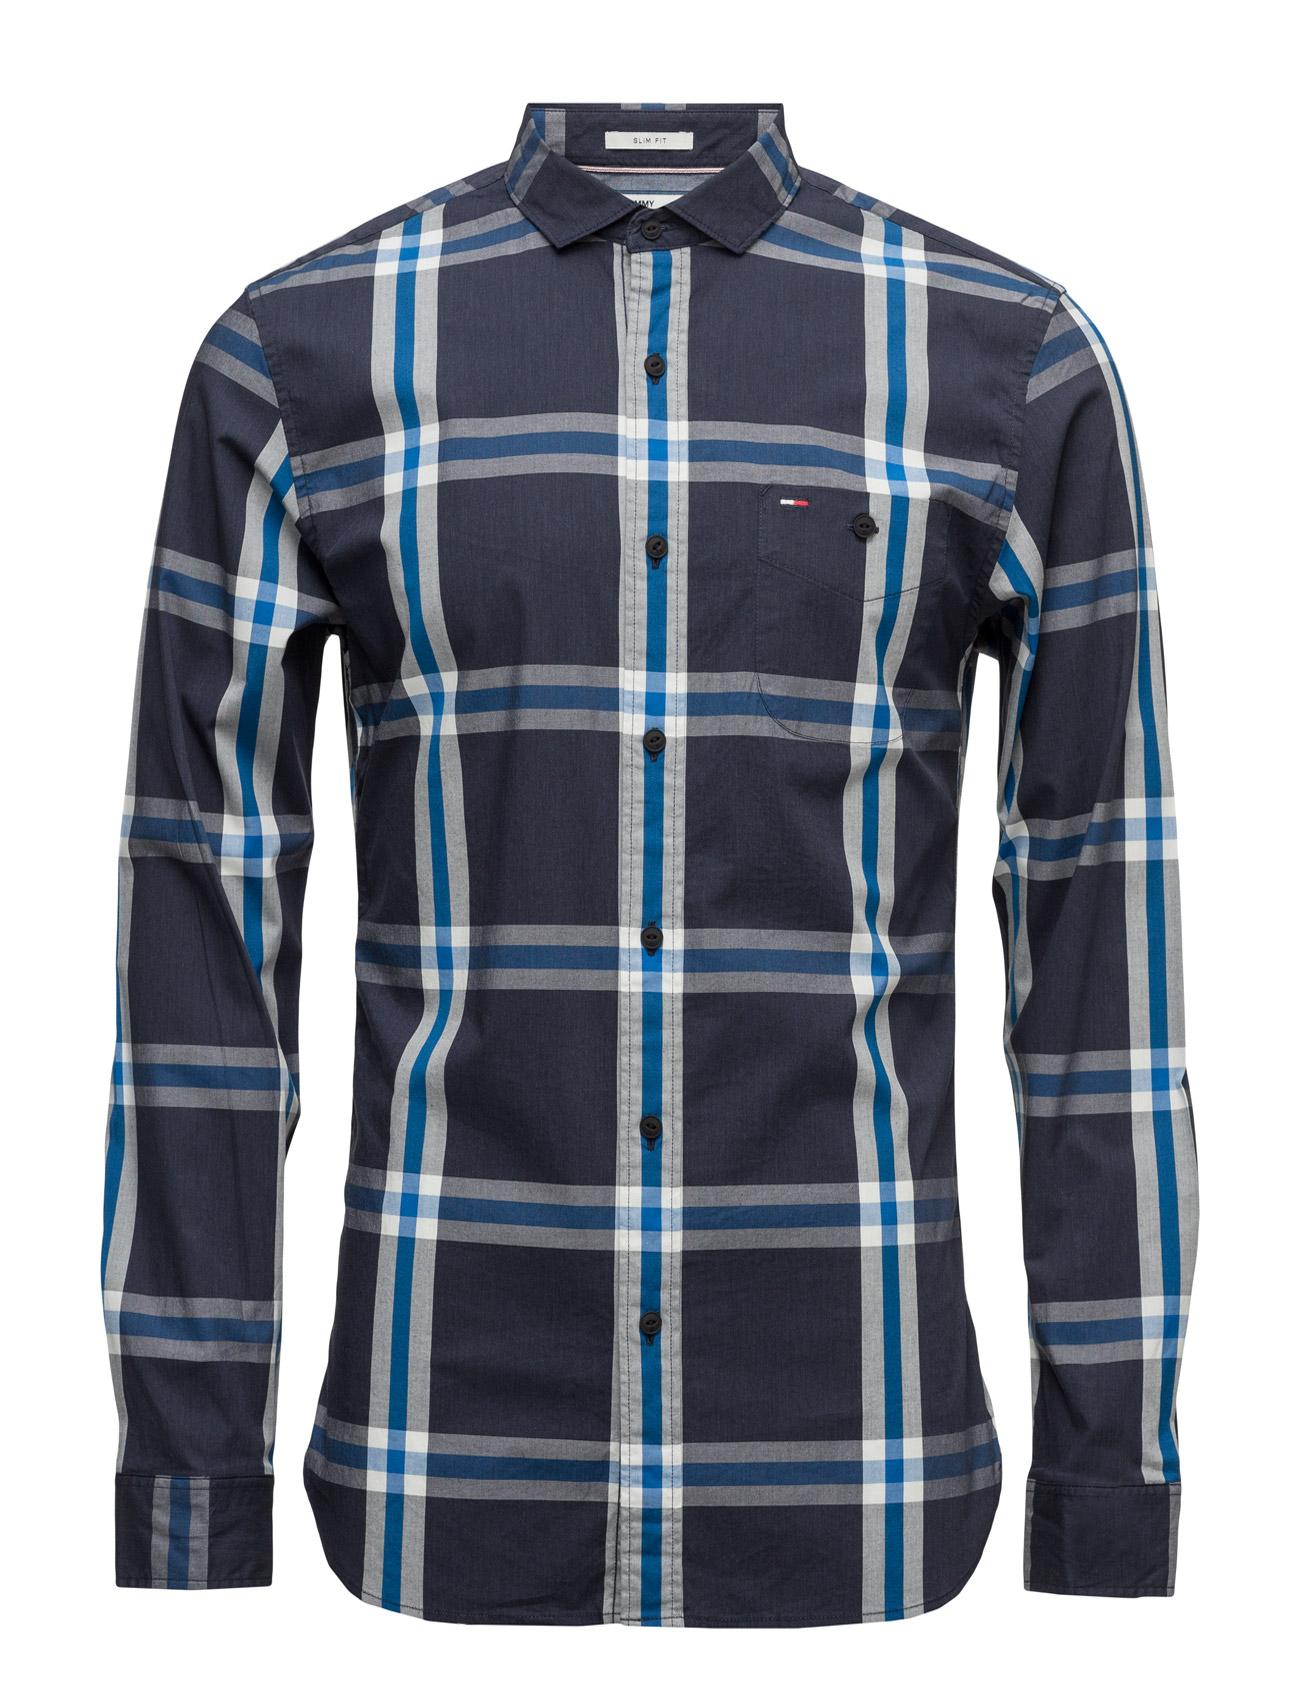 Thdm Sl Stretch Check Shirt L/S 20 Hilfiger Denim Trøjer til Mænd i Sort